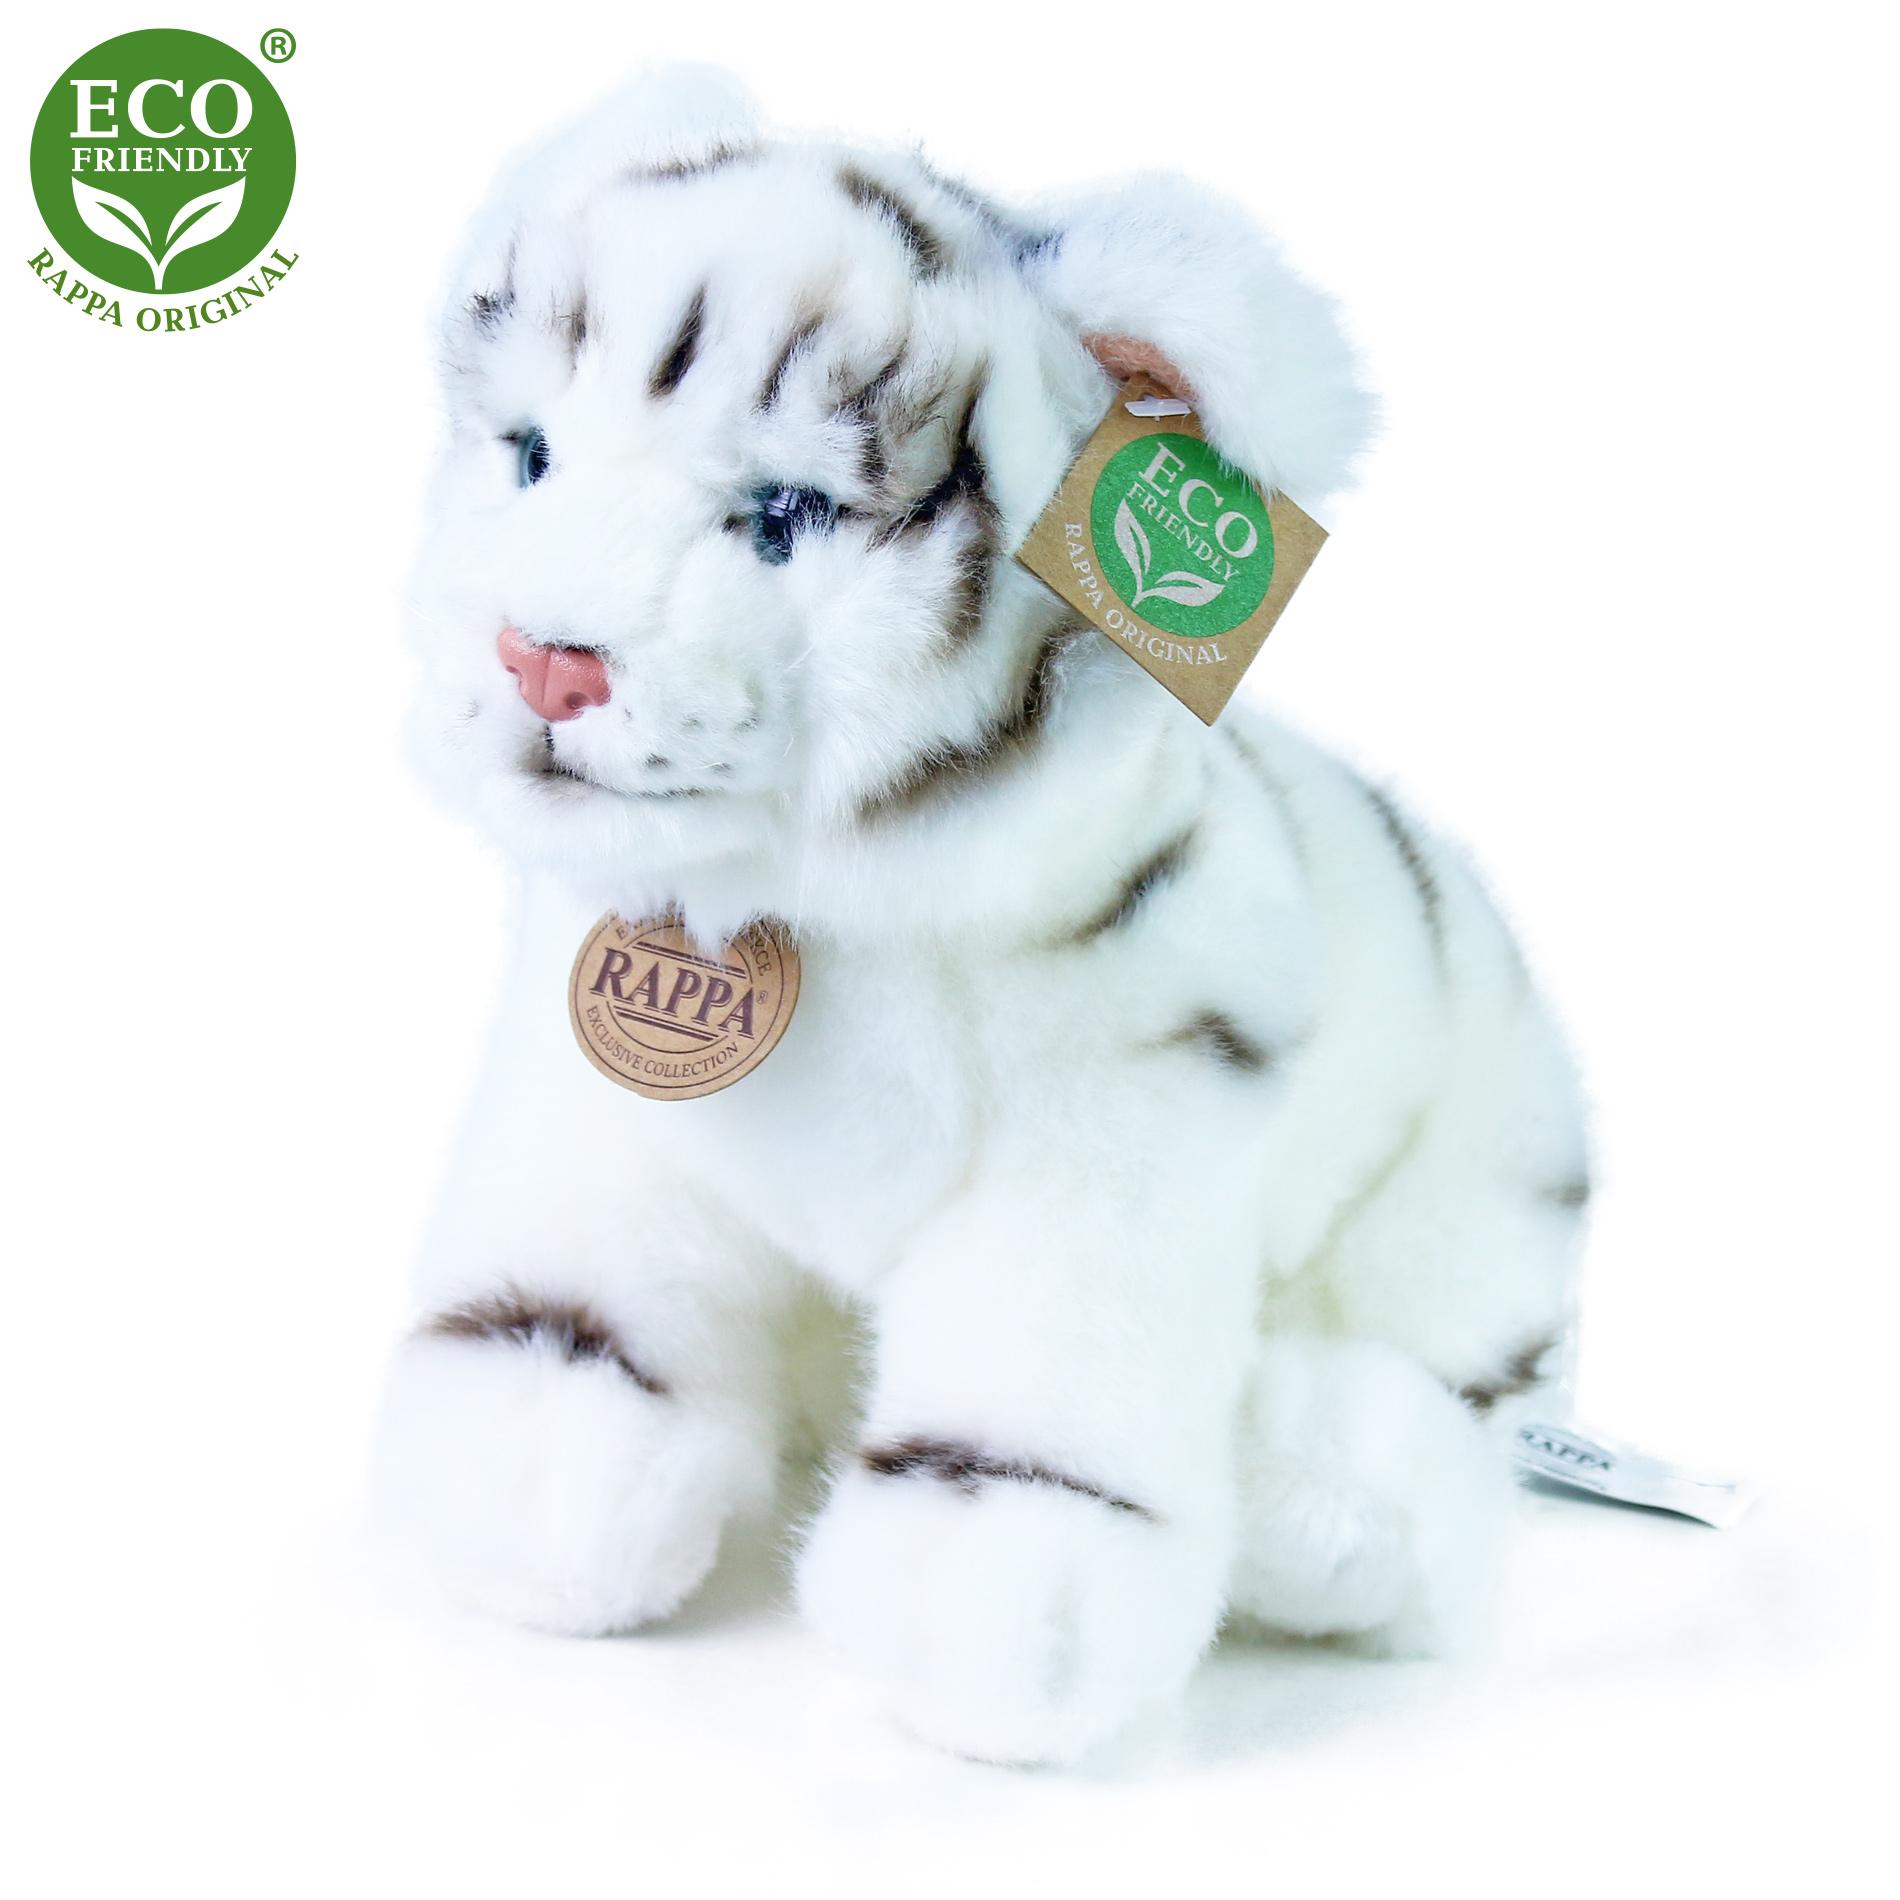 Plyšový tygr bílý sedící 25 cm ECO-FRIENDLY